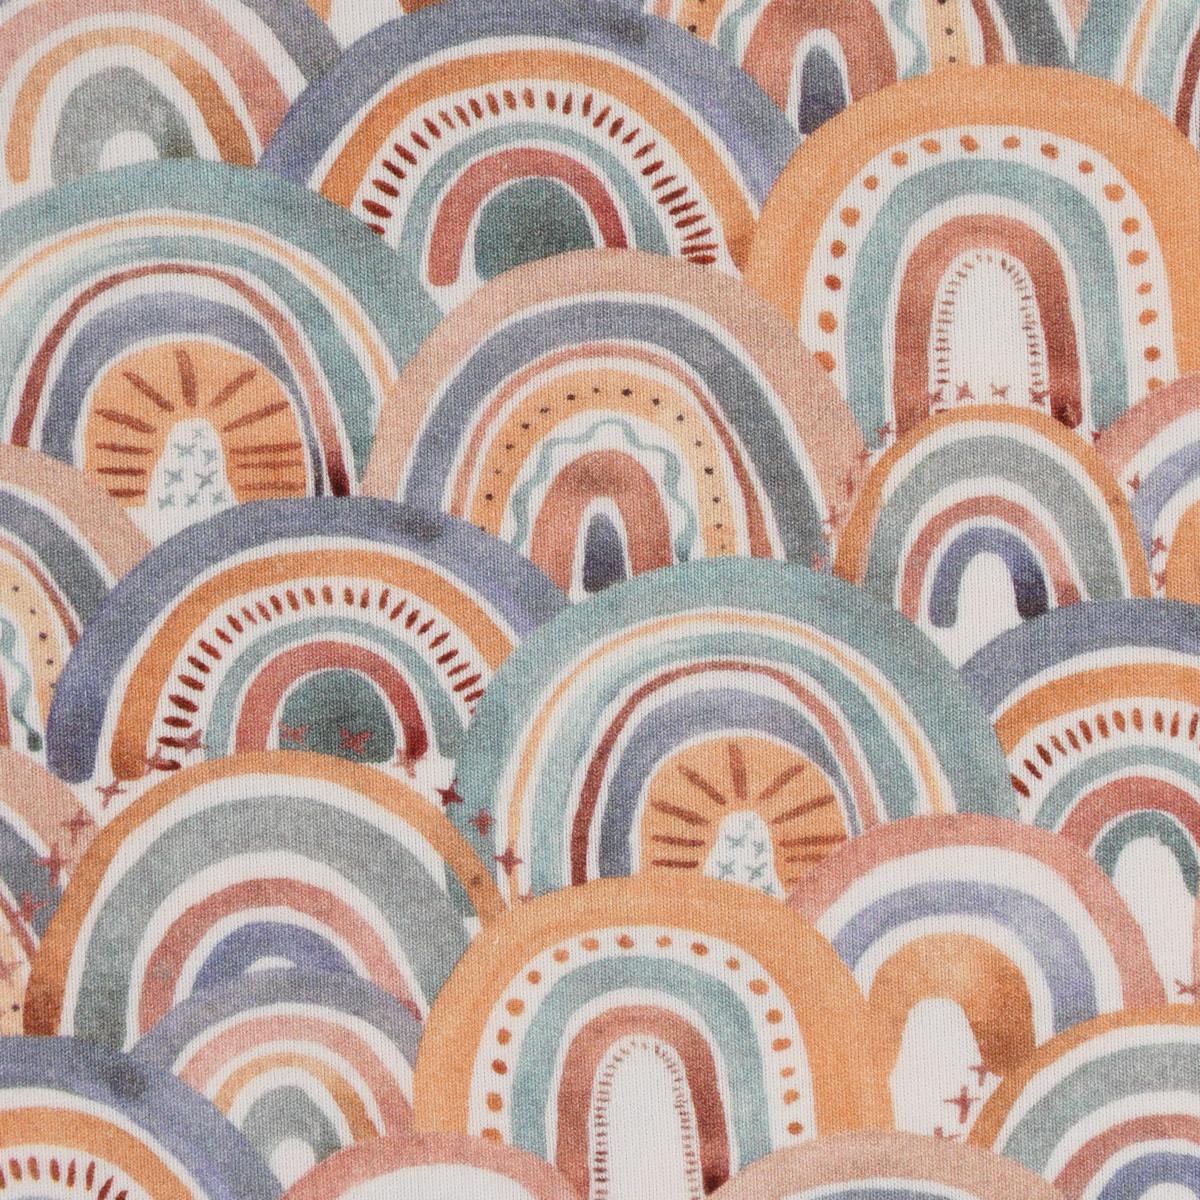 Baumwolljersey Digitaldruck Regenbogen Punkte Striche orange blau grün 1,5m Breite